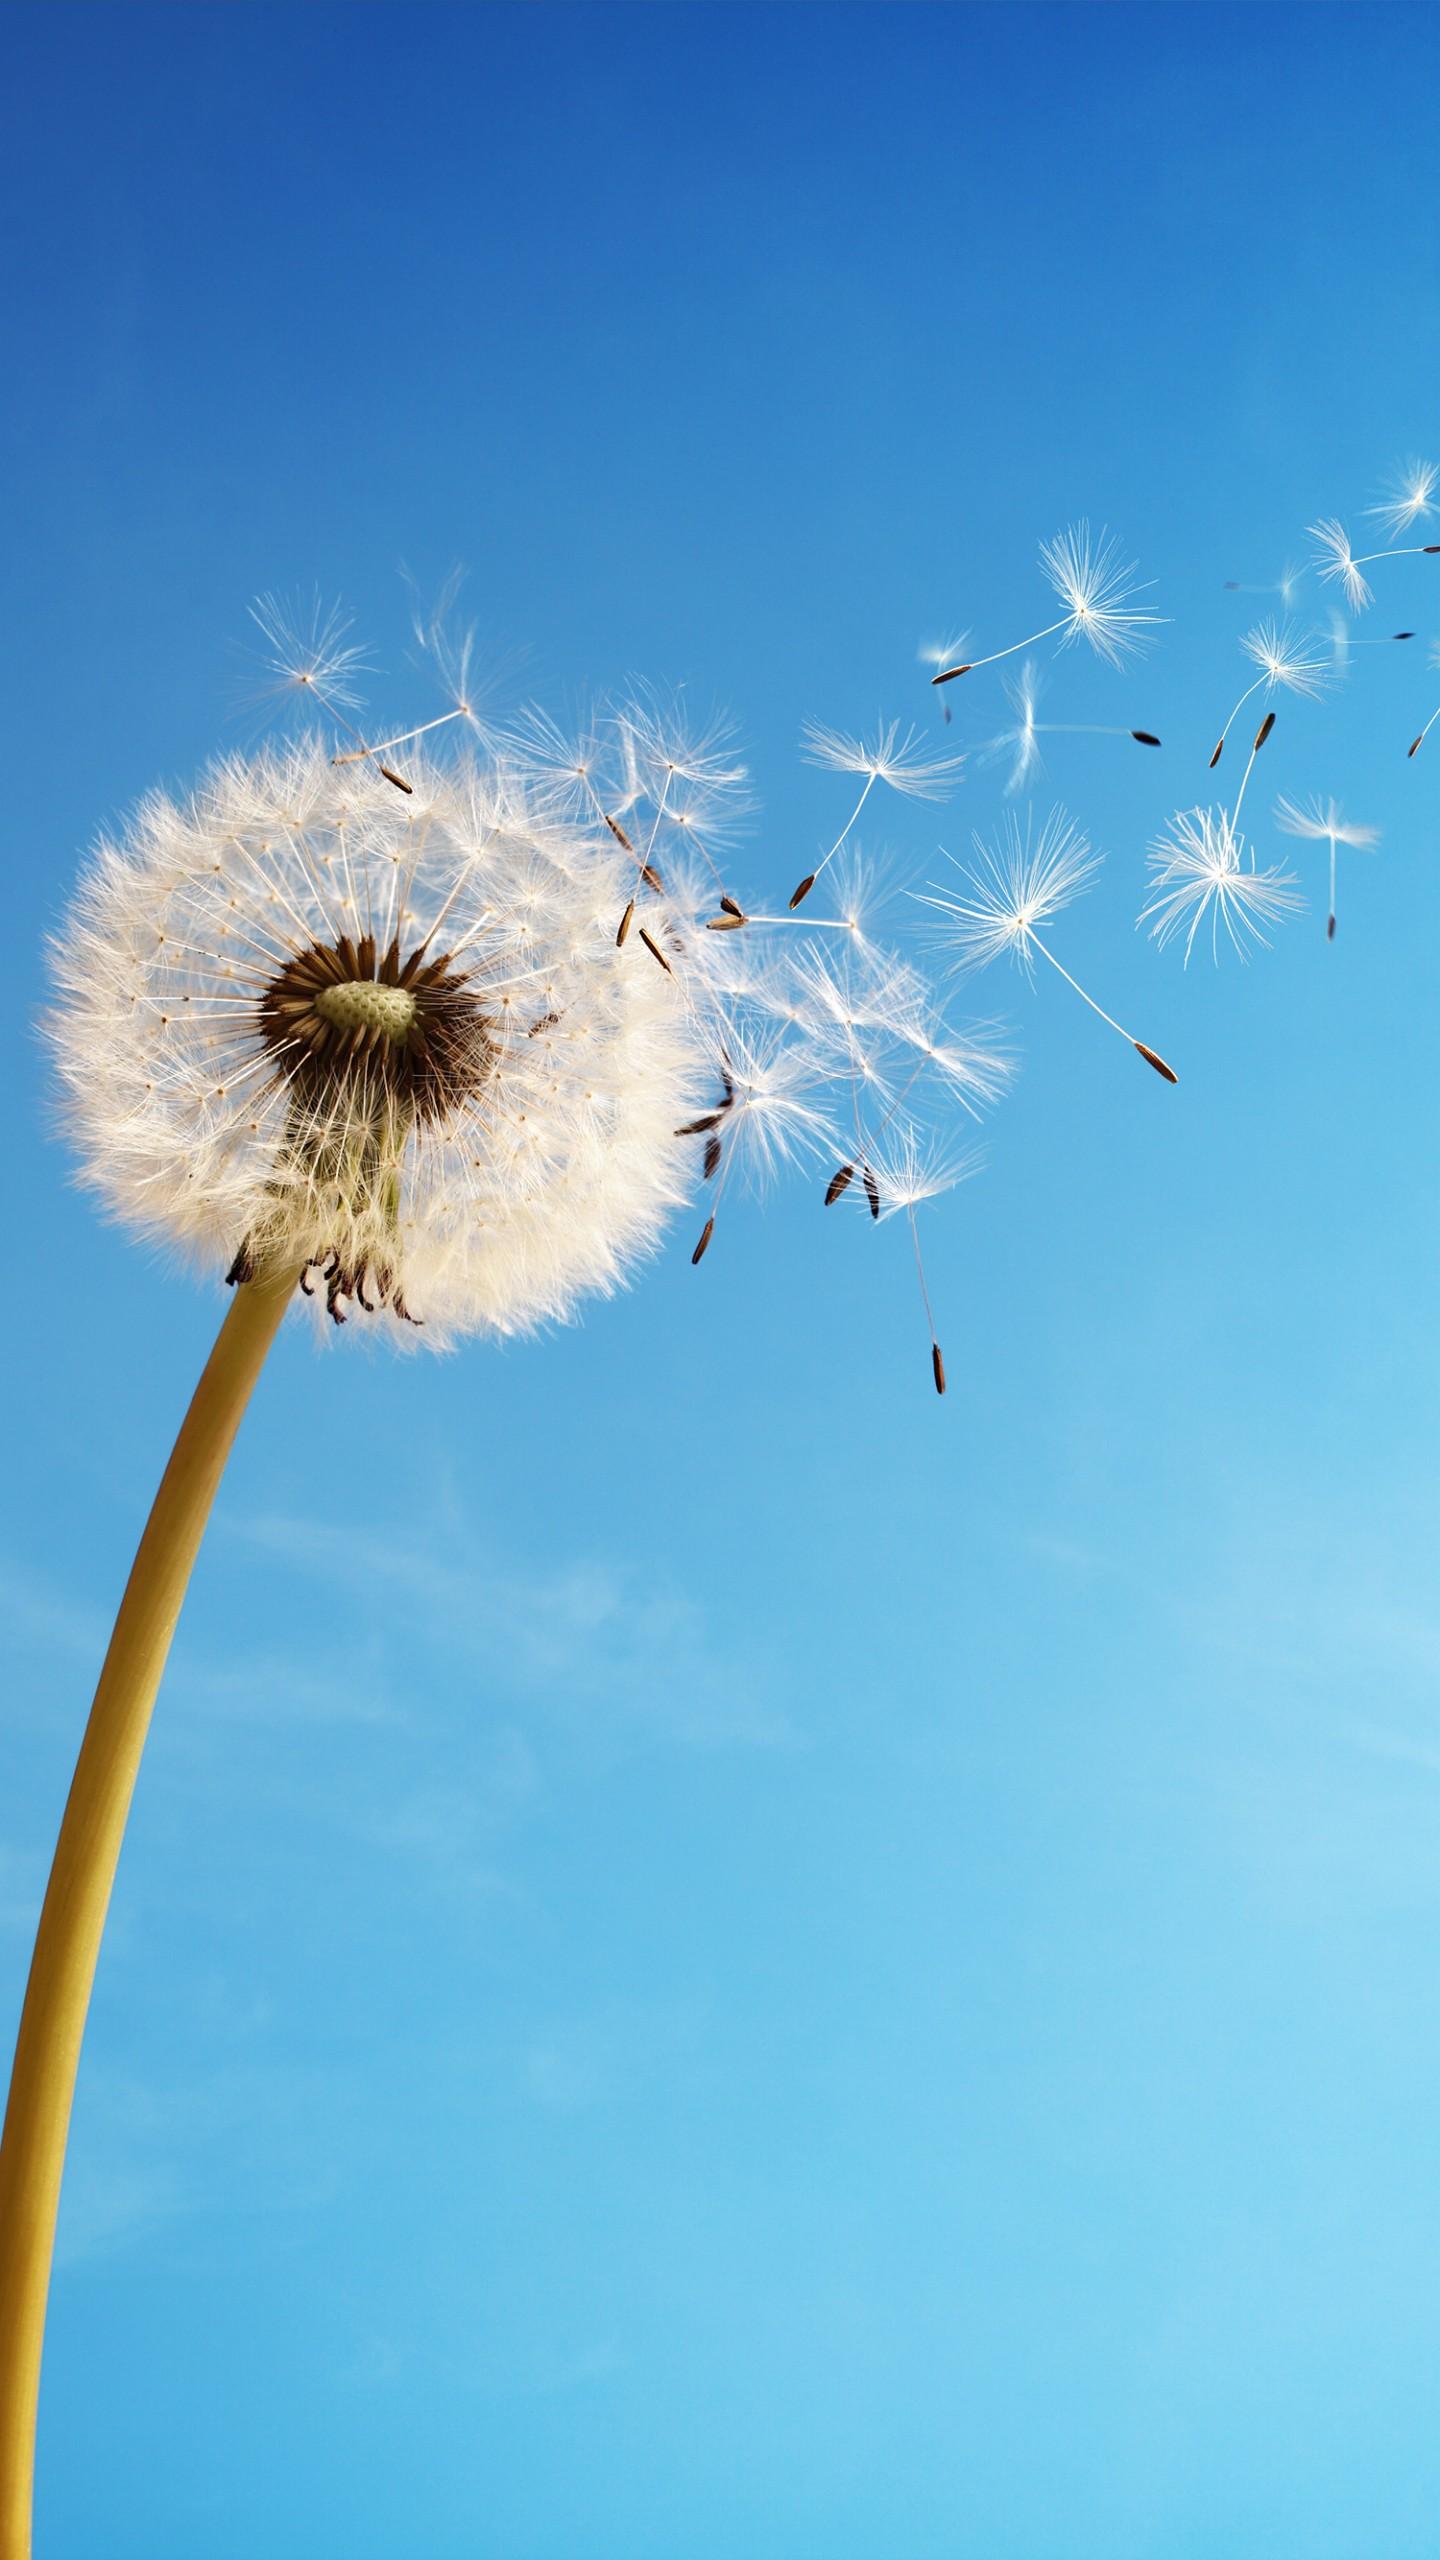 عکس زمینه گل قاصدک در آسمان های آبی پس زمینه